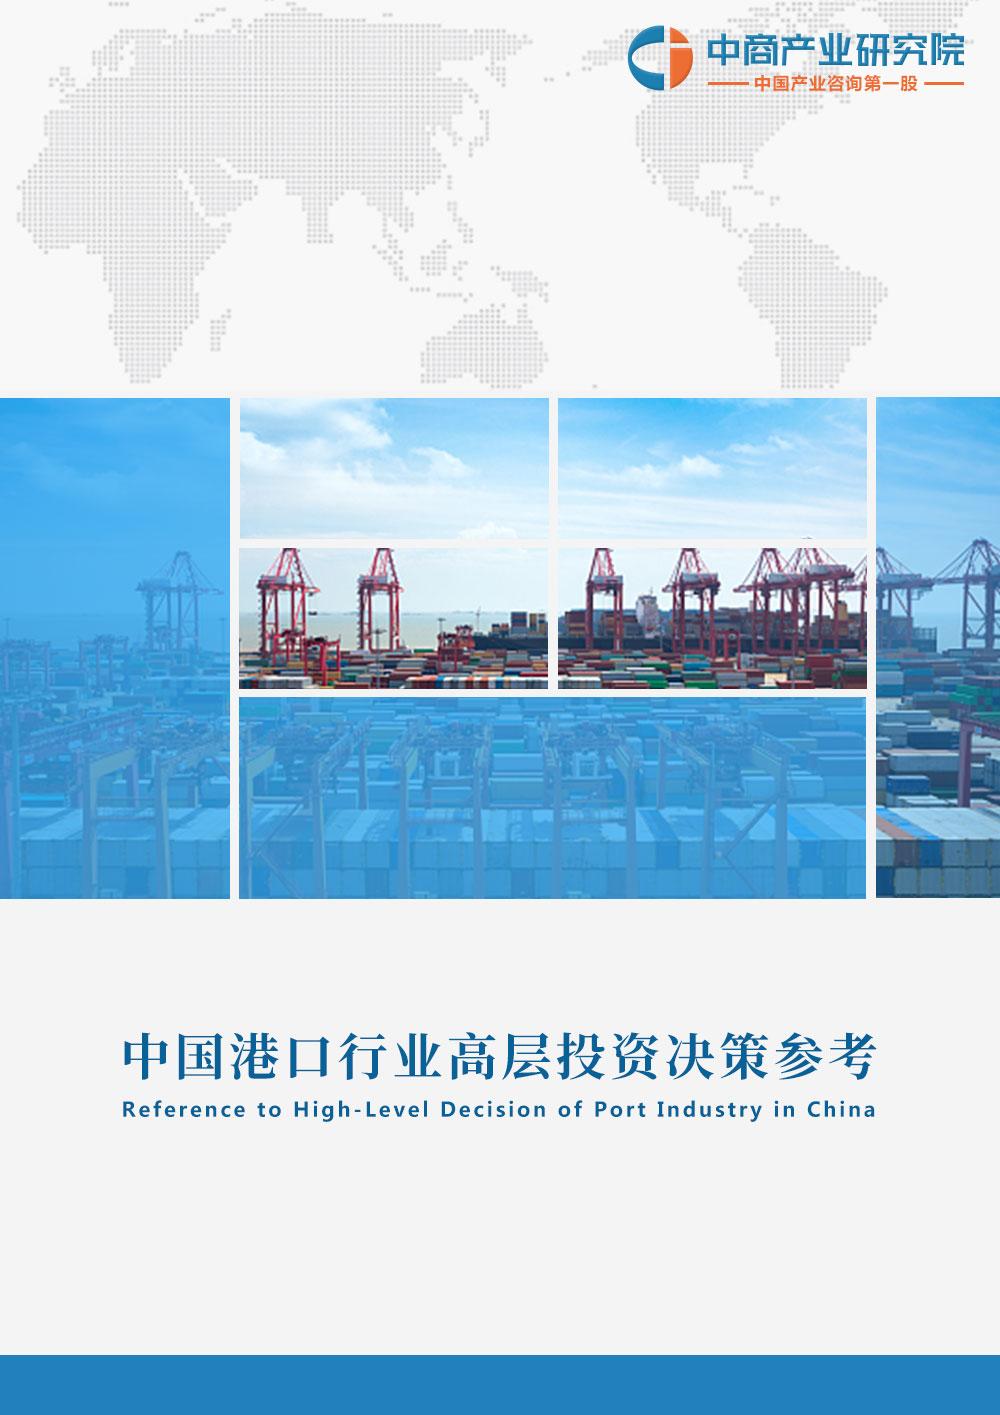 中国港口航运行业高层投资决策参考(2019年5月)